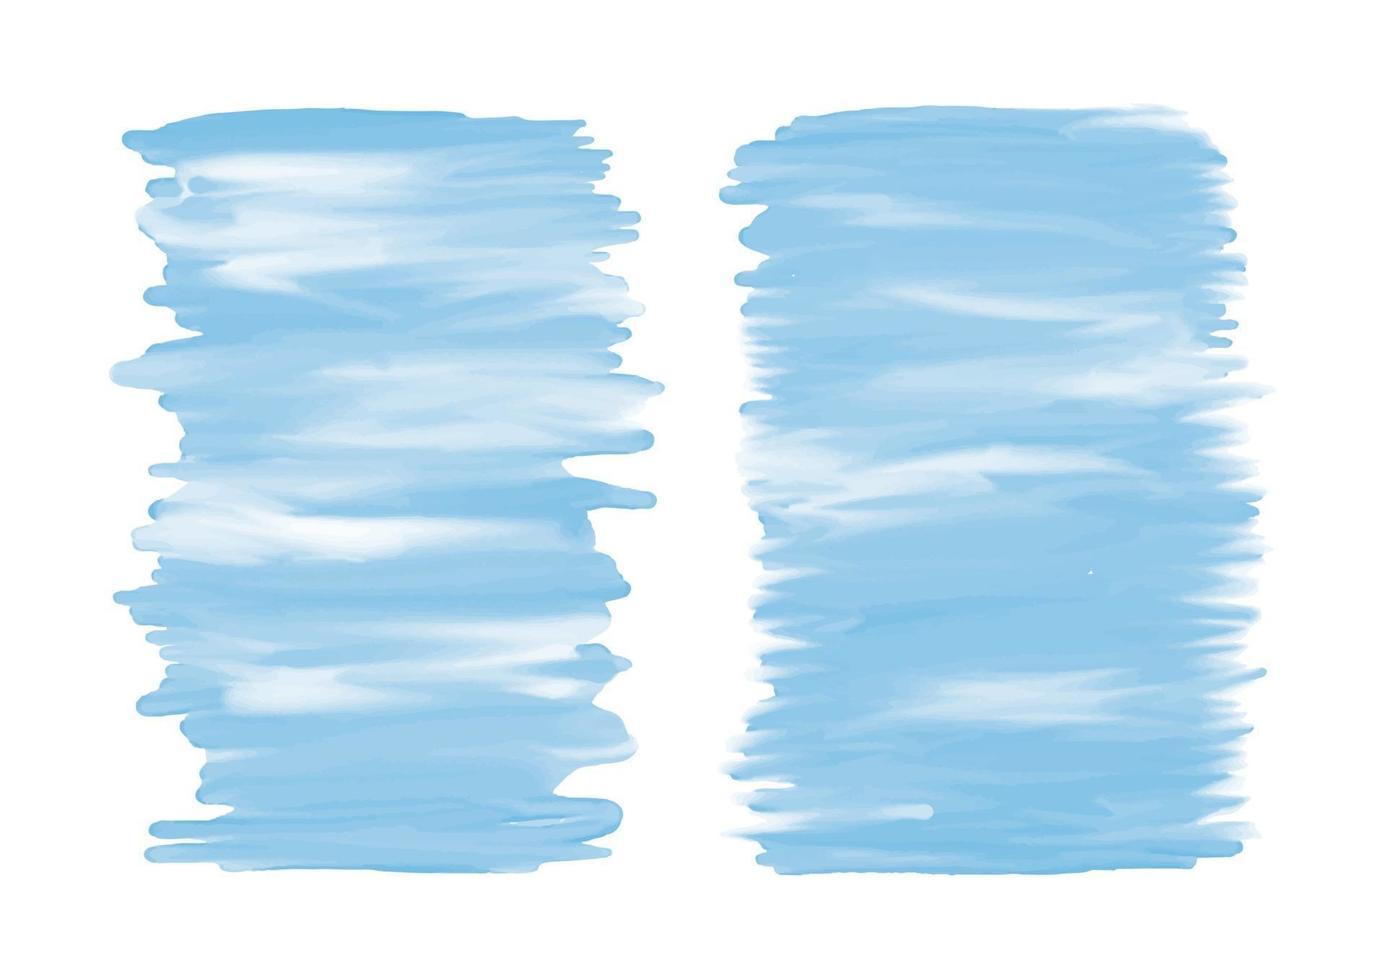 Banner de trazo de pincel acuarela azul sobre fondo blanco ilustración vectorial vector